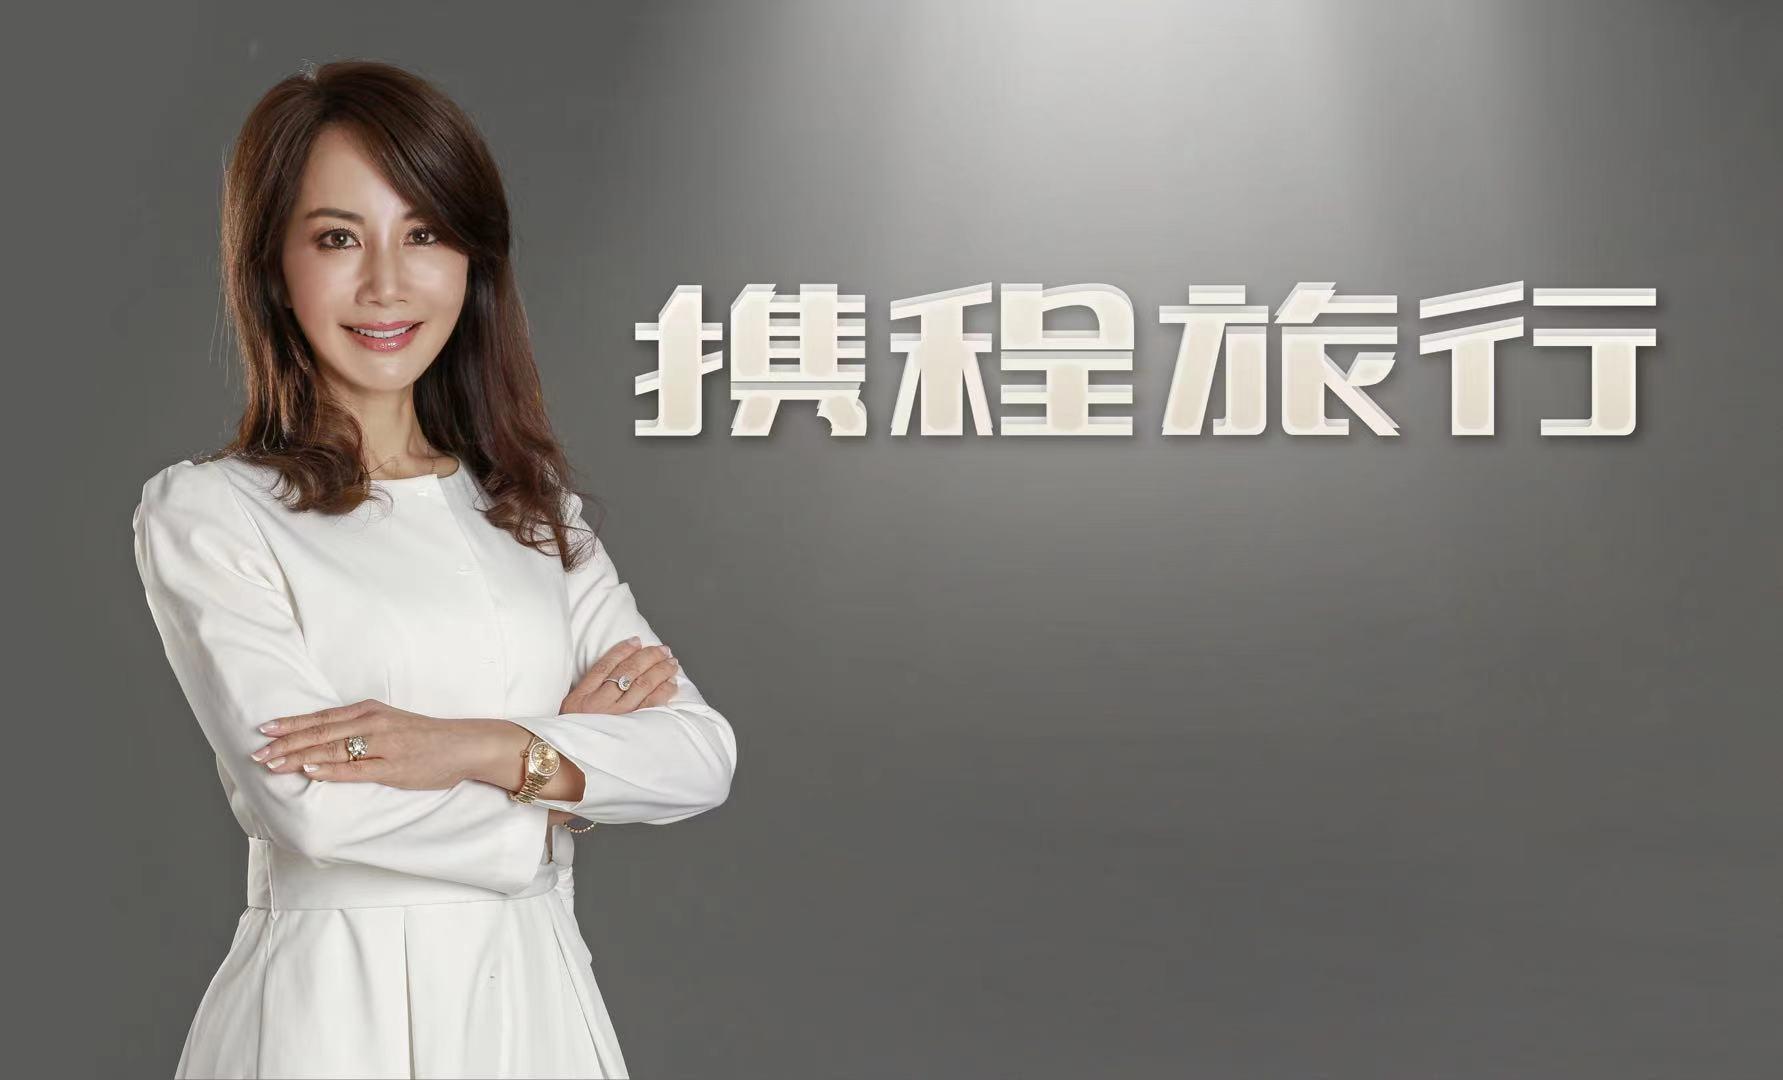 携程CEO孙洁:确保为所有员工提供平等的发展机会